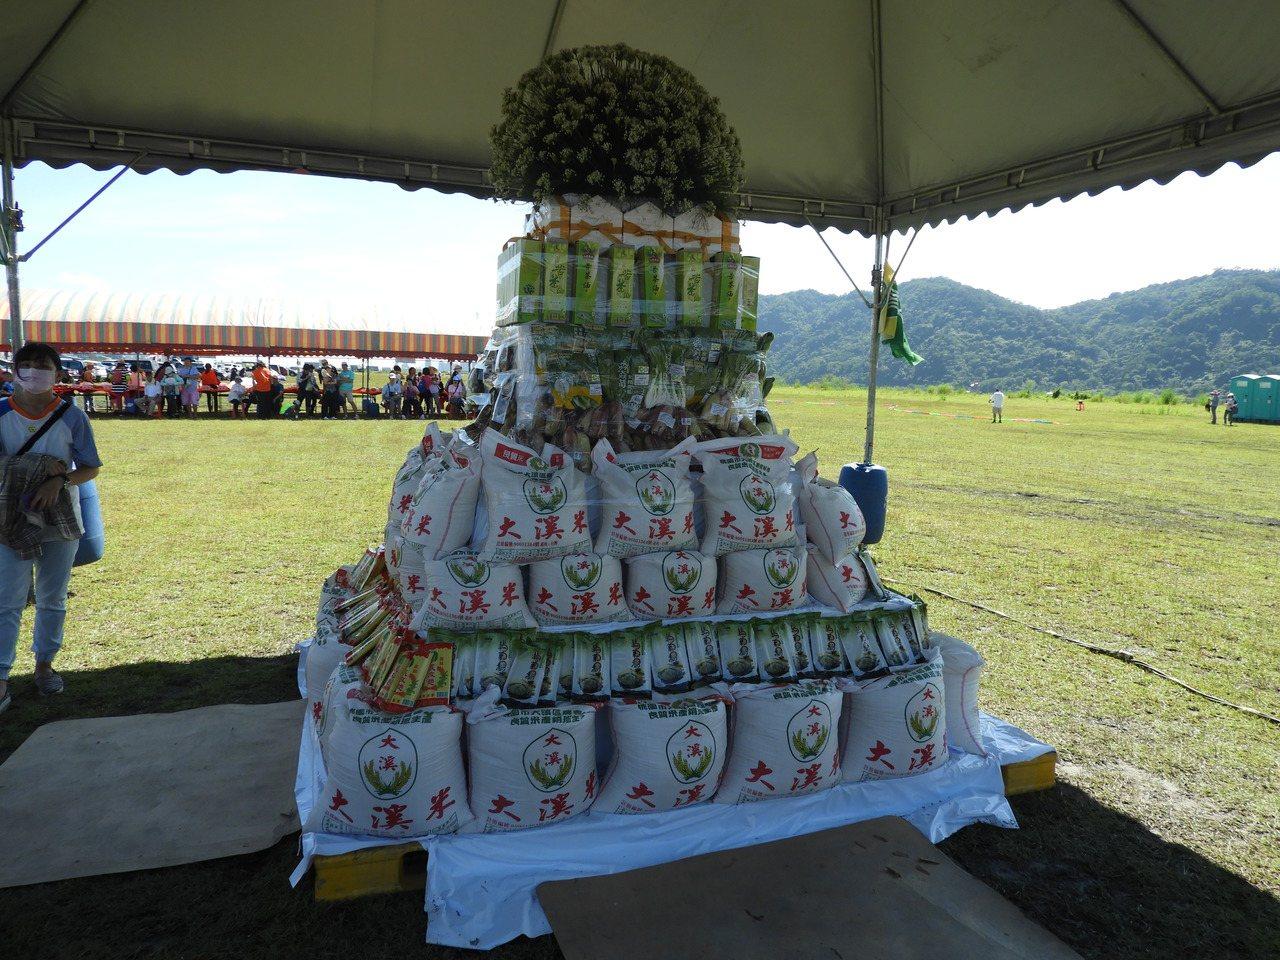 為增添活動文化藝術性,設置裝置藝術「農情金字塔」展示農產品,於活動結束後贈送大溪...